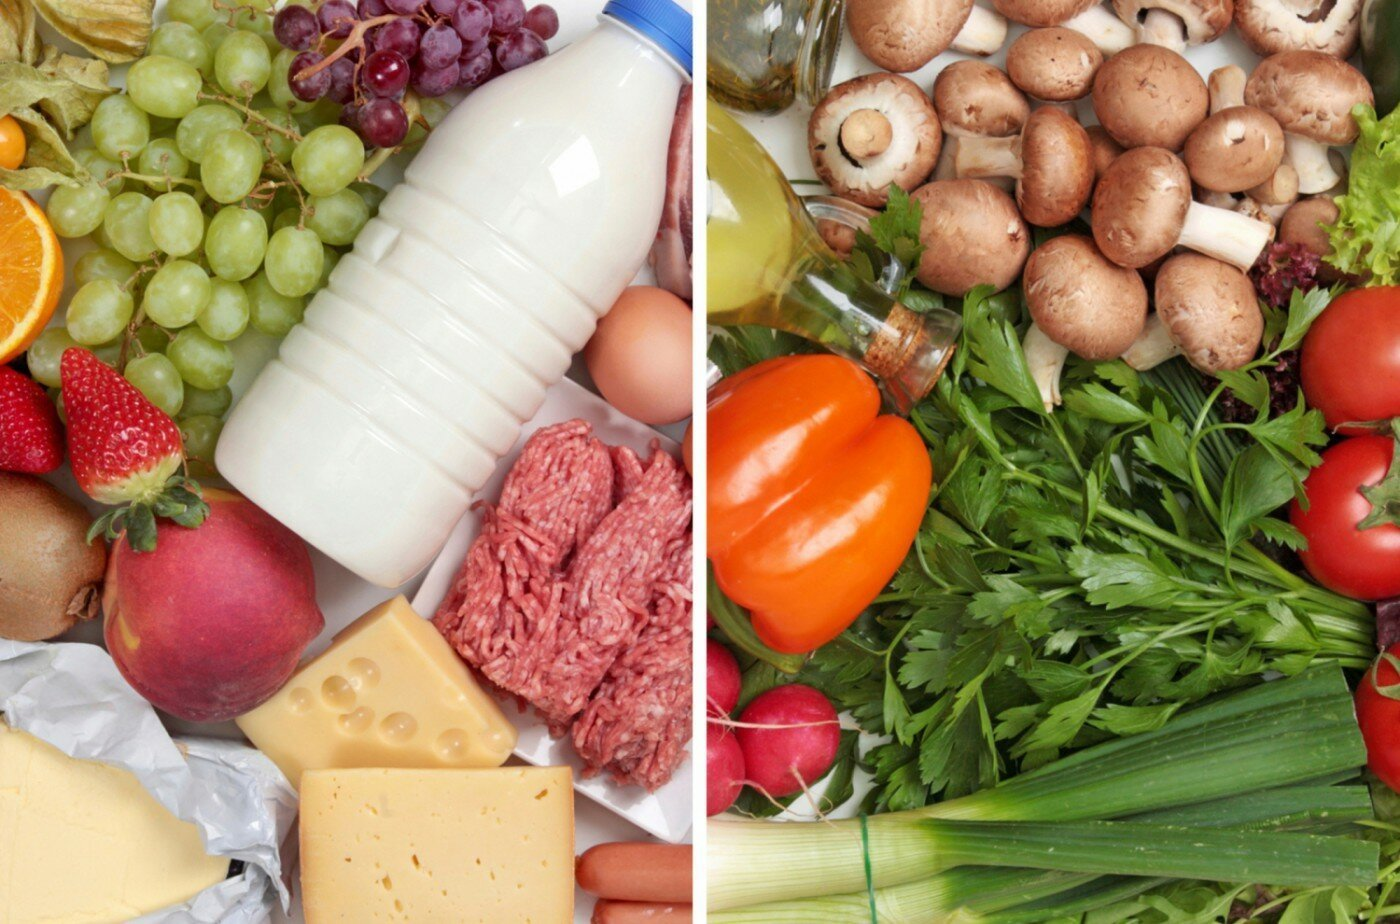 Диета Овощи И Творог. Творожная диета — 3+ варианта кисломолочного похудения